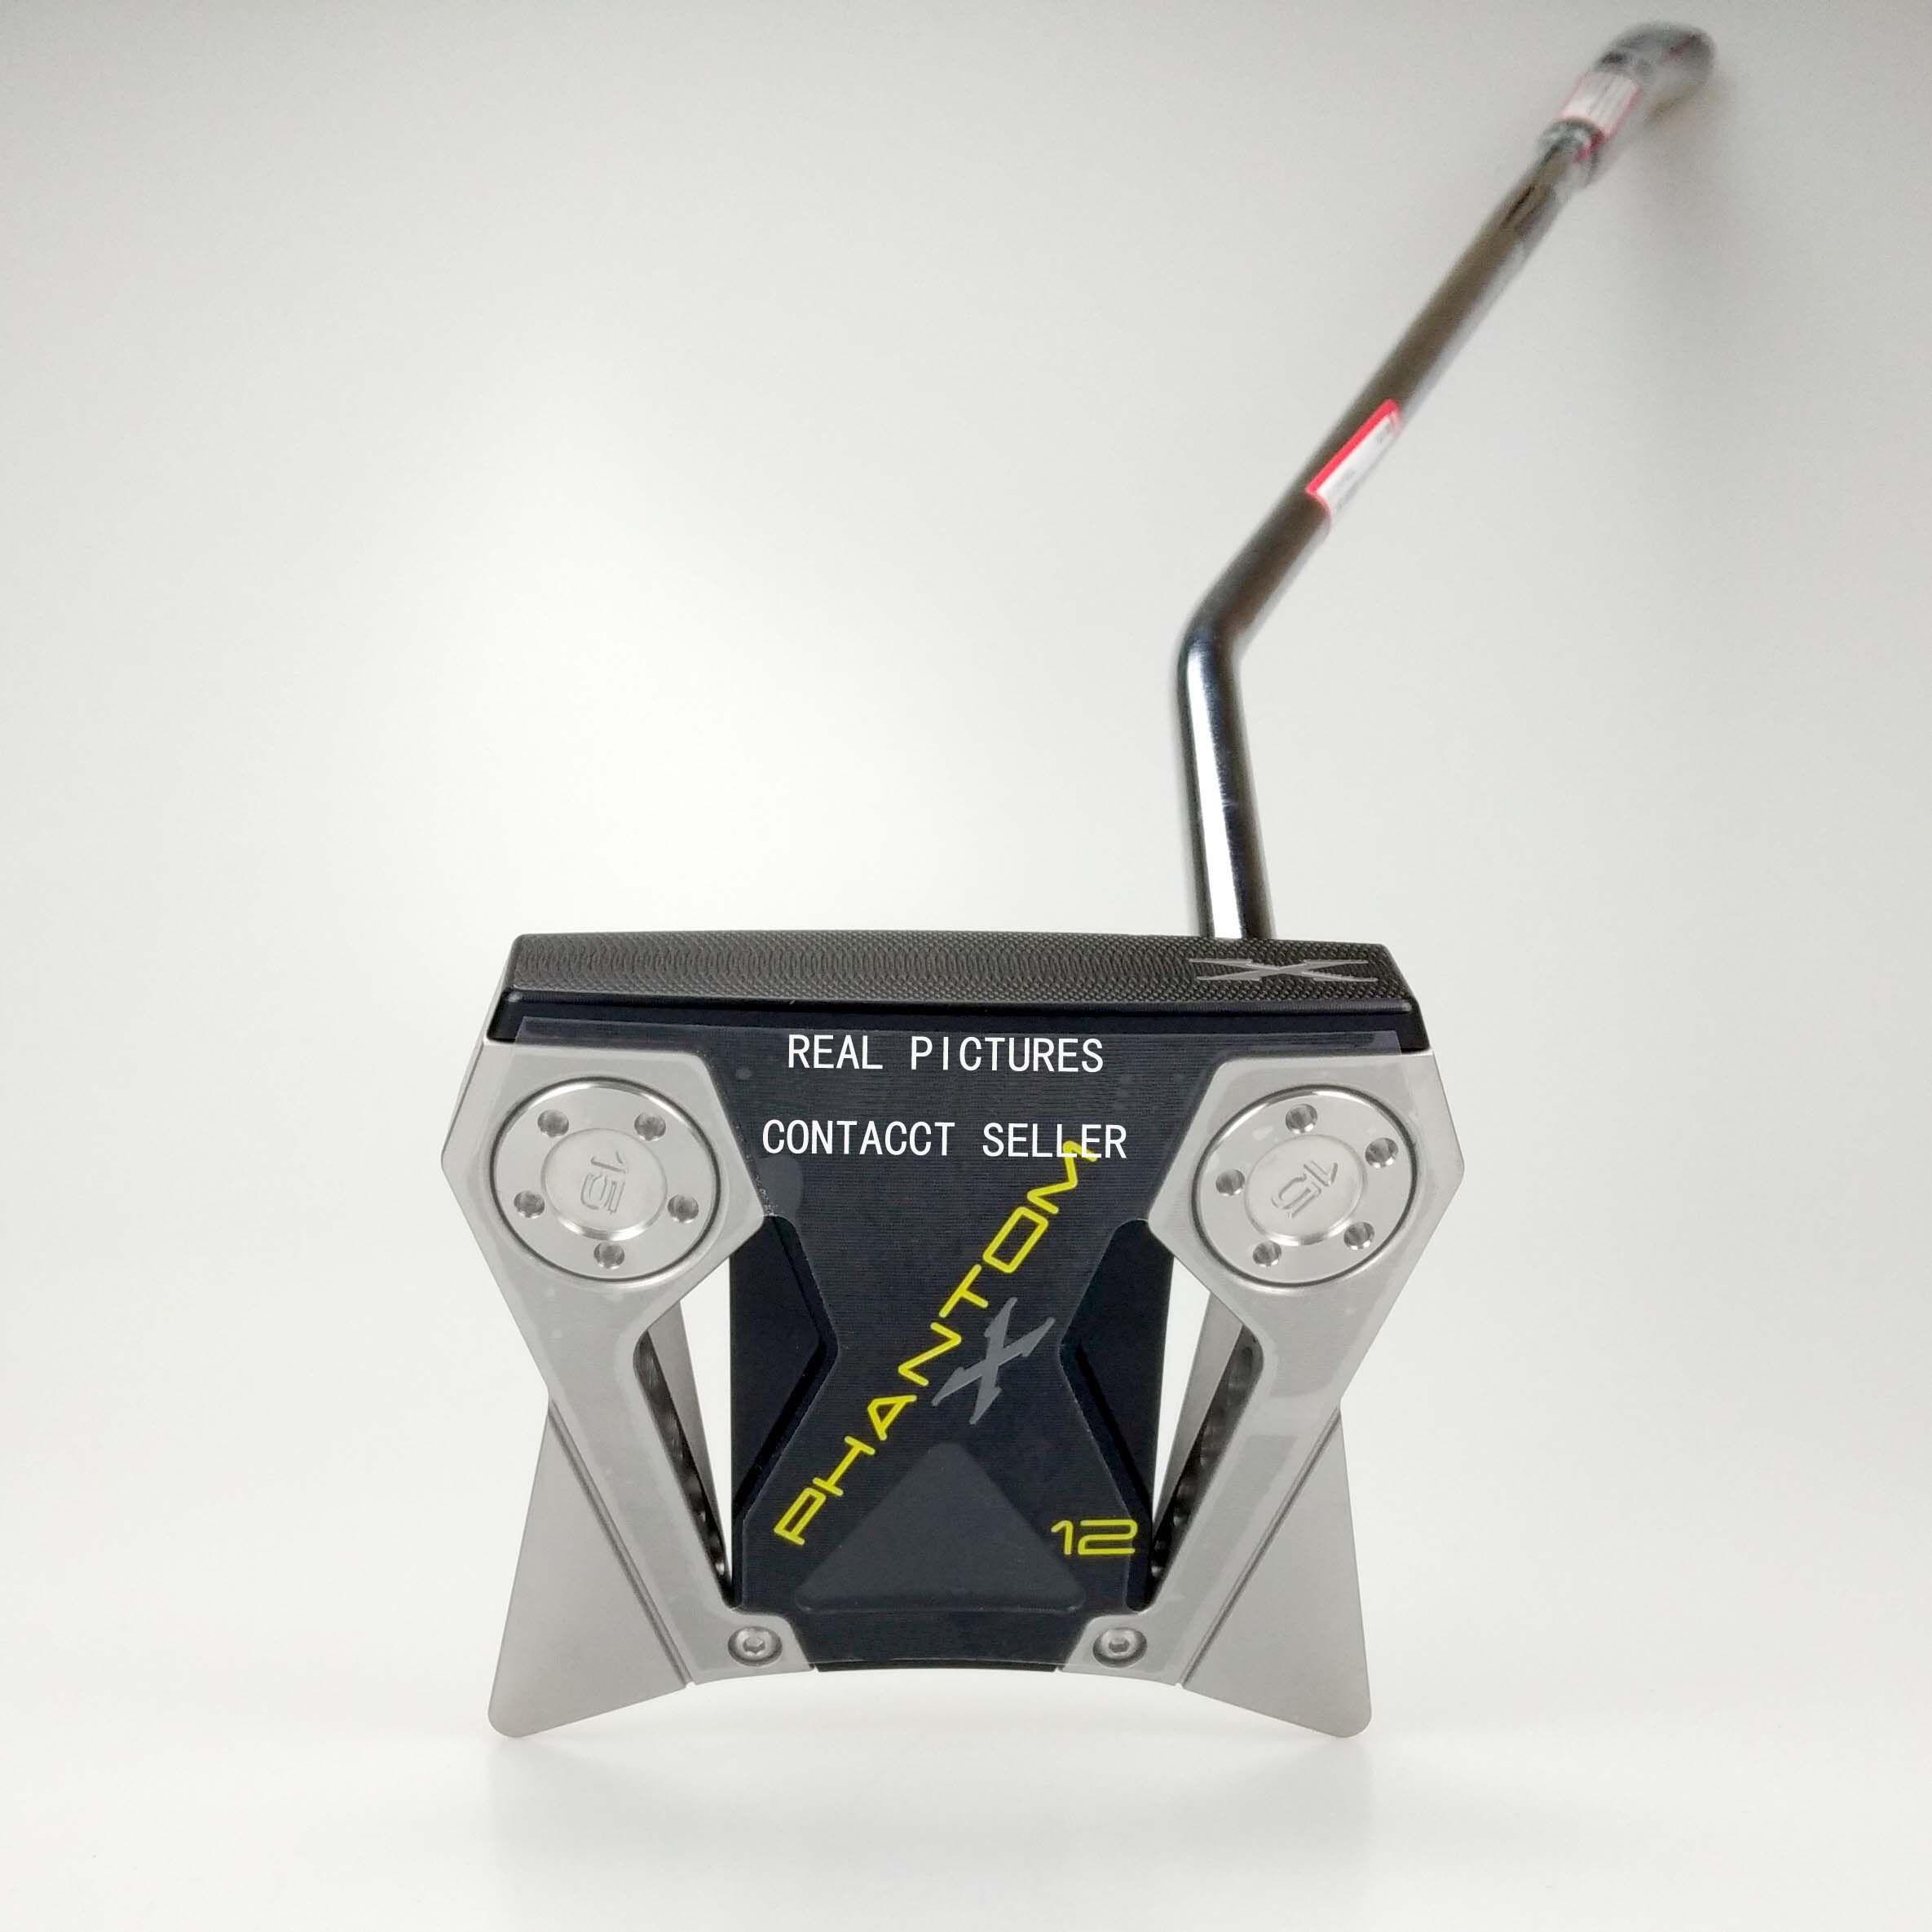 Promoción Nueva palos de golf Phantom X12 golf Putter + HEADCOVER 33 34 35 pulgadas Disponible real fotos de contacto del vendedor